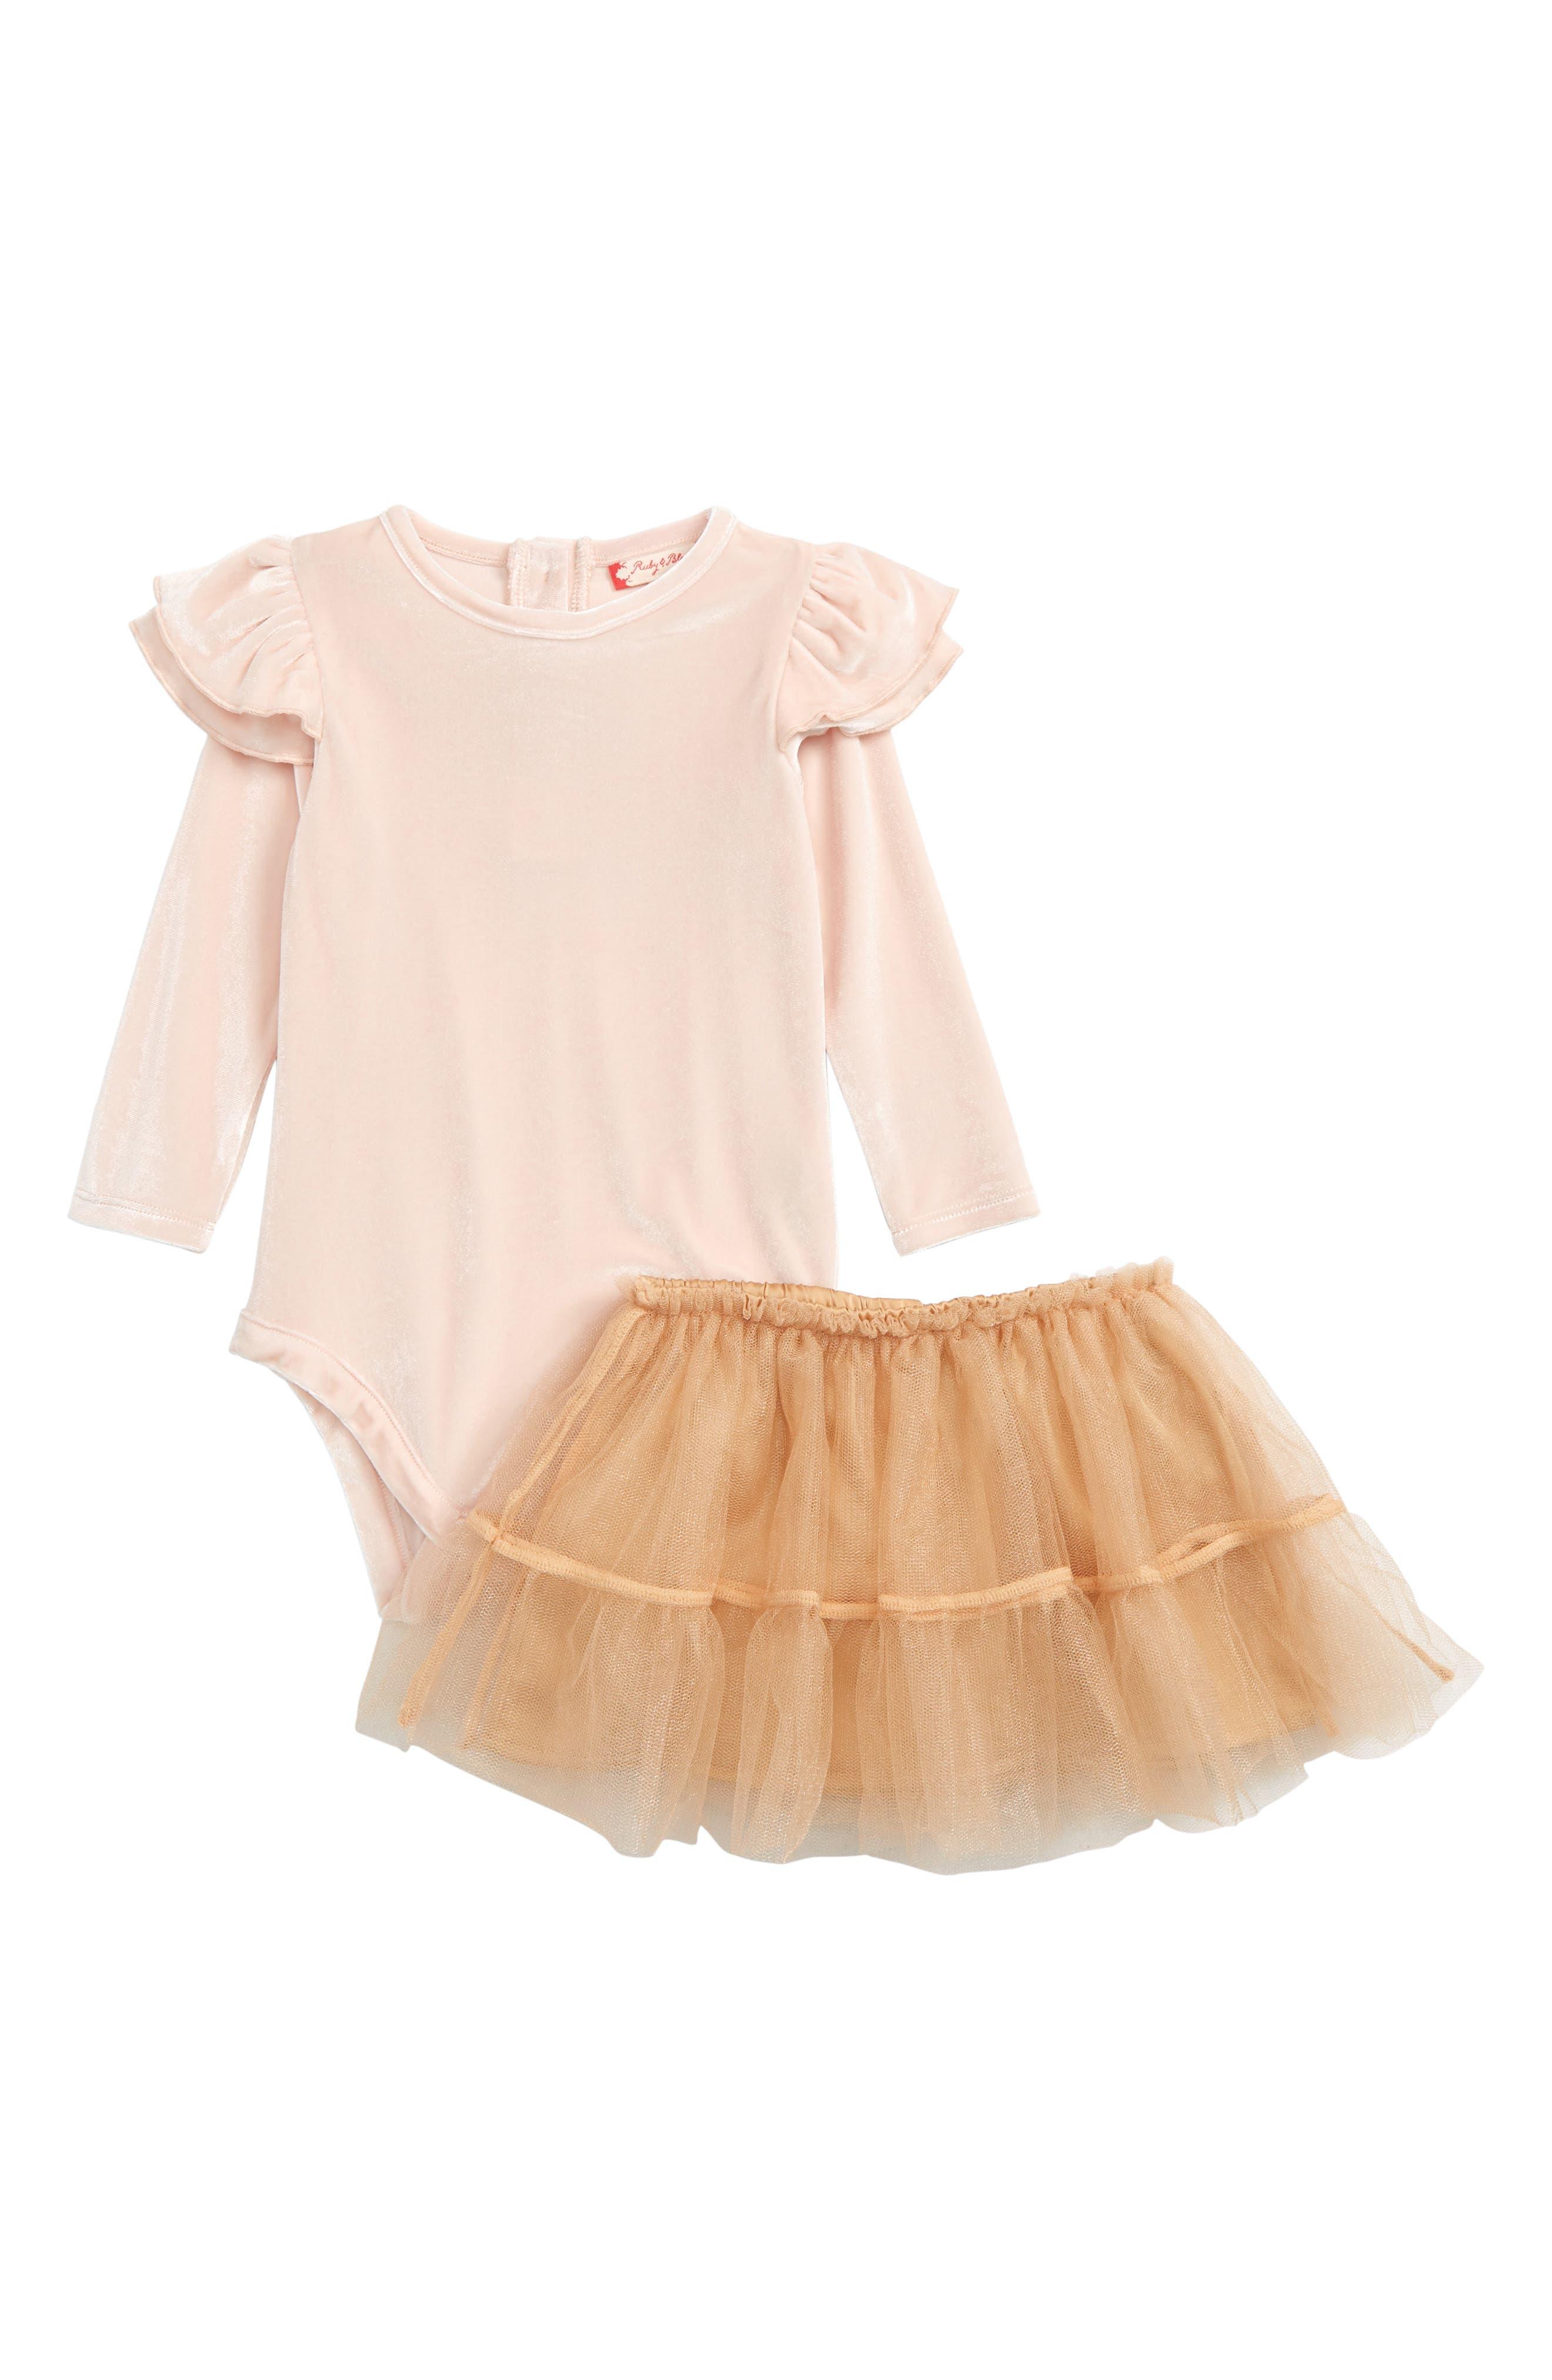 RUBY & BLOOM Ballerina Velvet Bodysuit & Tulle Skirt Set, Main, color, 680